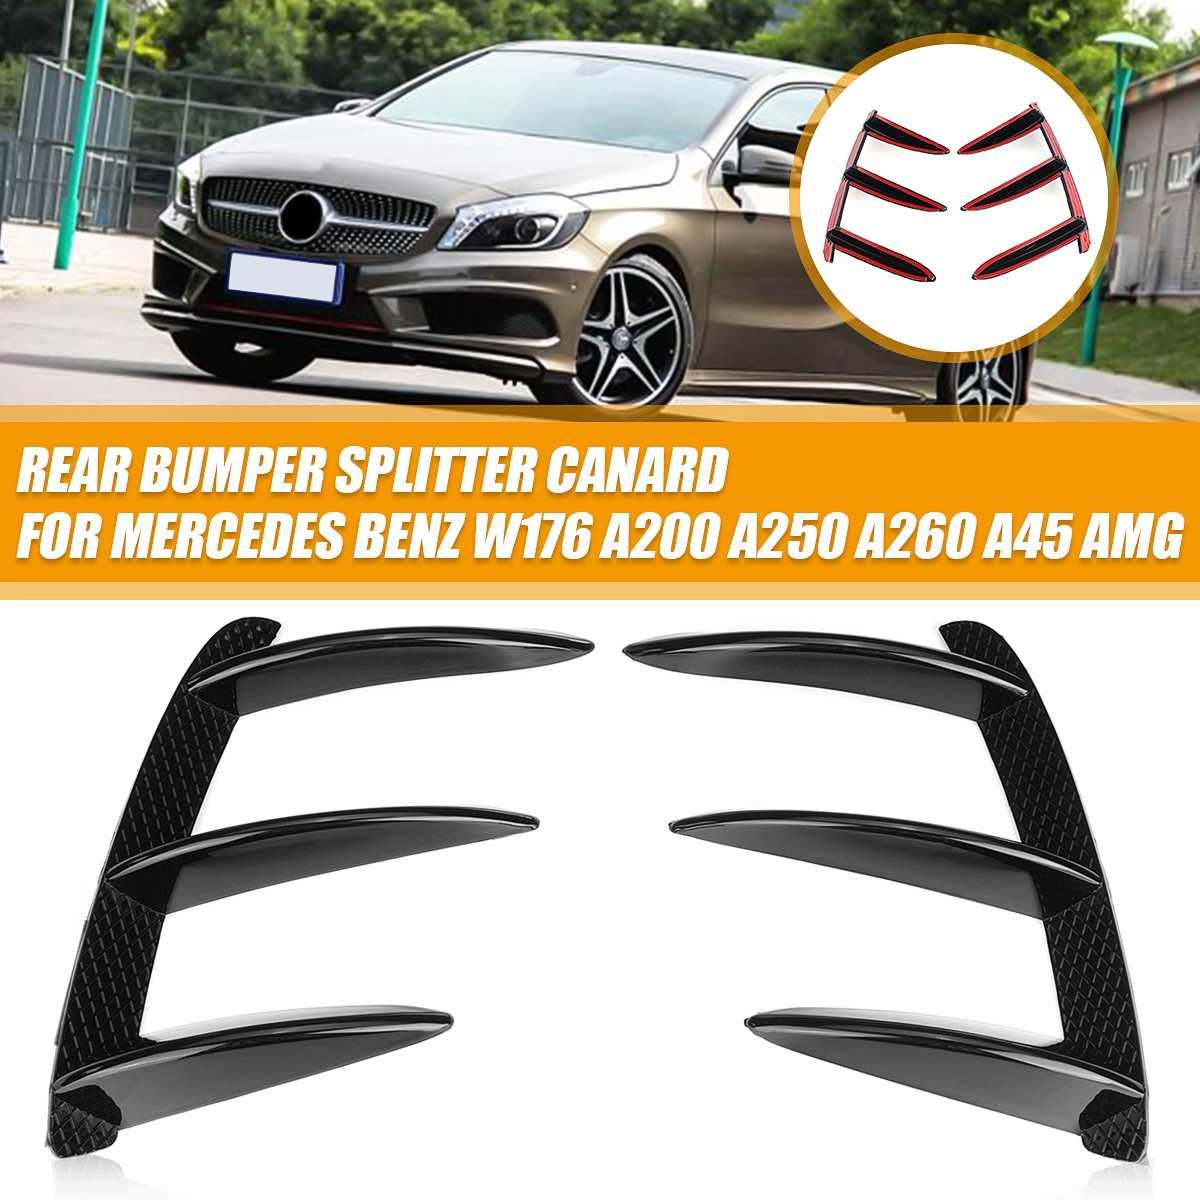 Car ABS negro alerón para parachoques trasero Canards para Mercedes Benz para W176 A200 A250 A260 A45 para AMG 2 uds accesorios de reemplazo